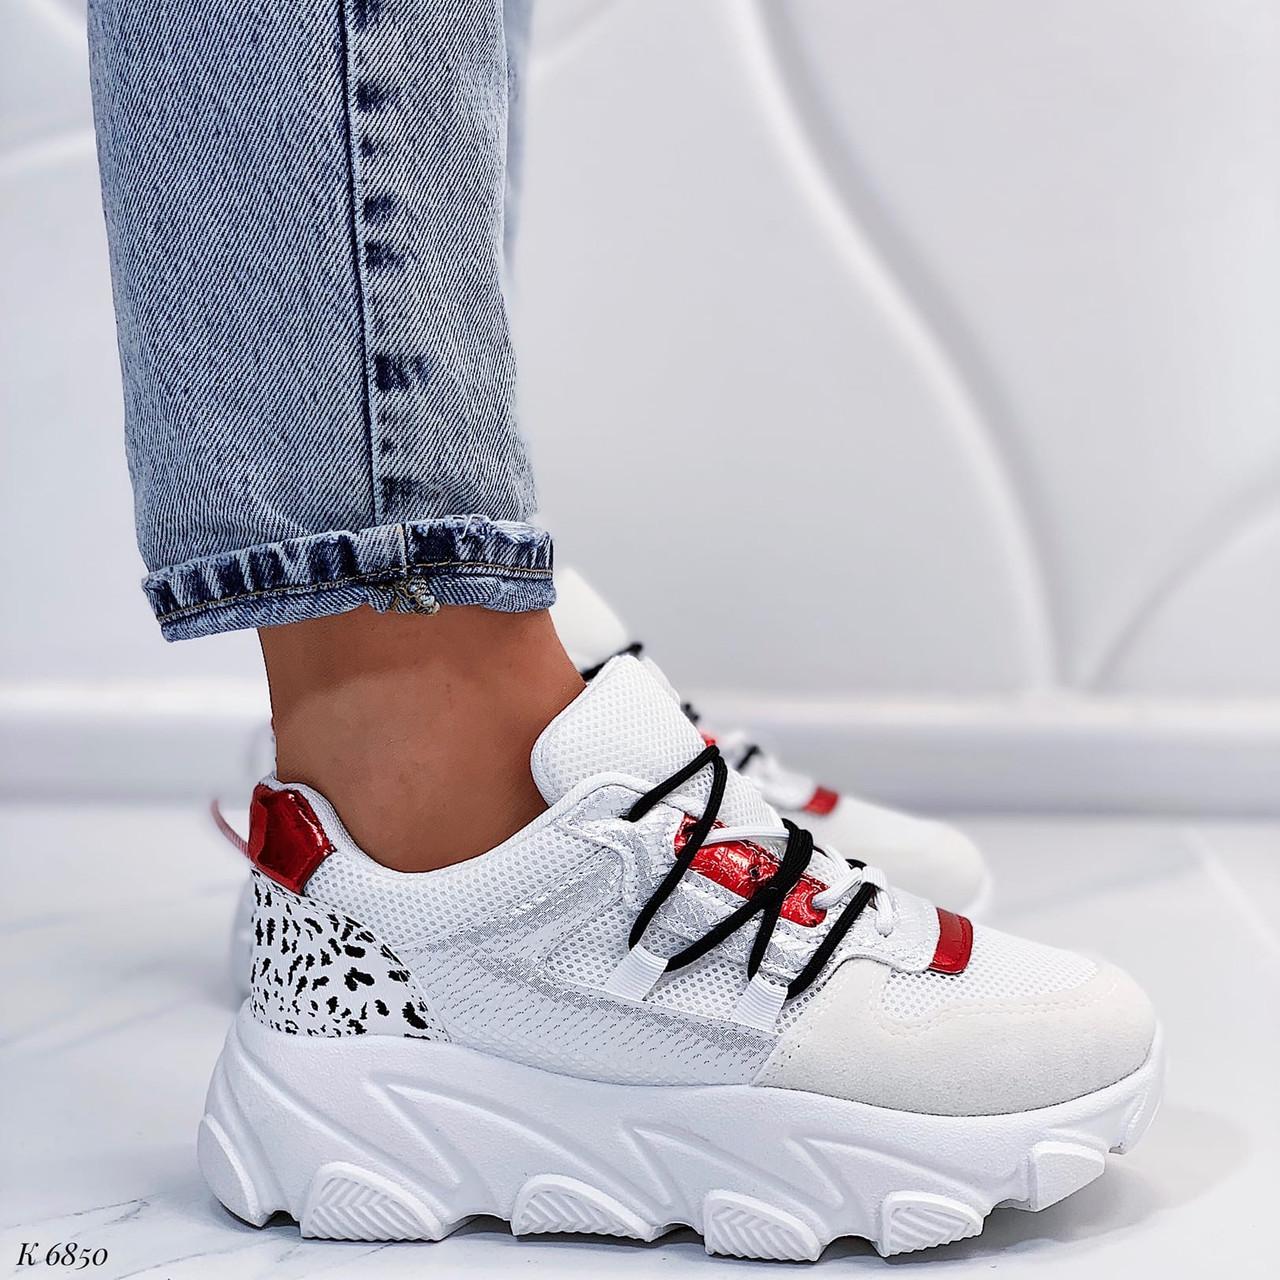 Женские кроссовки белые с красным эко-кожа/ замш/ текстиль